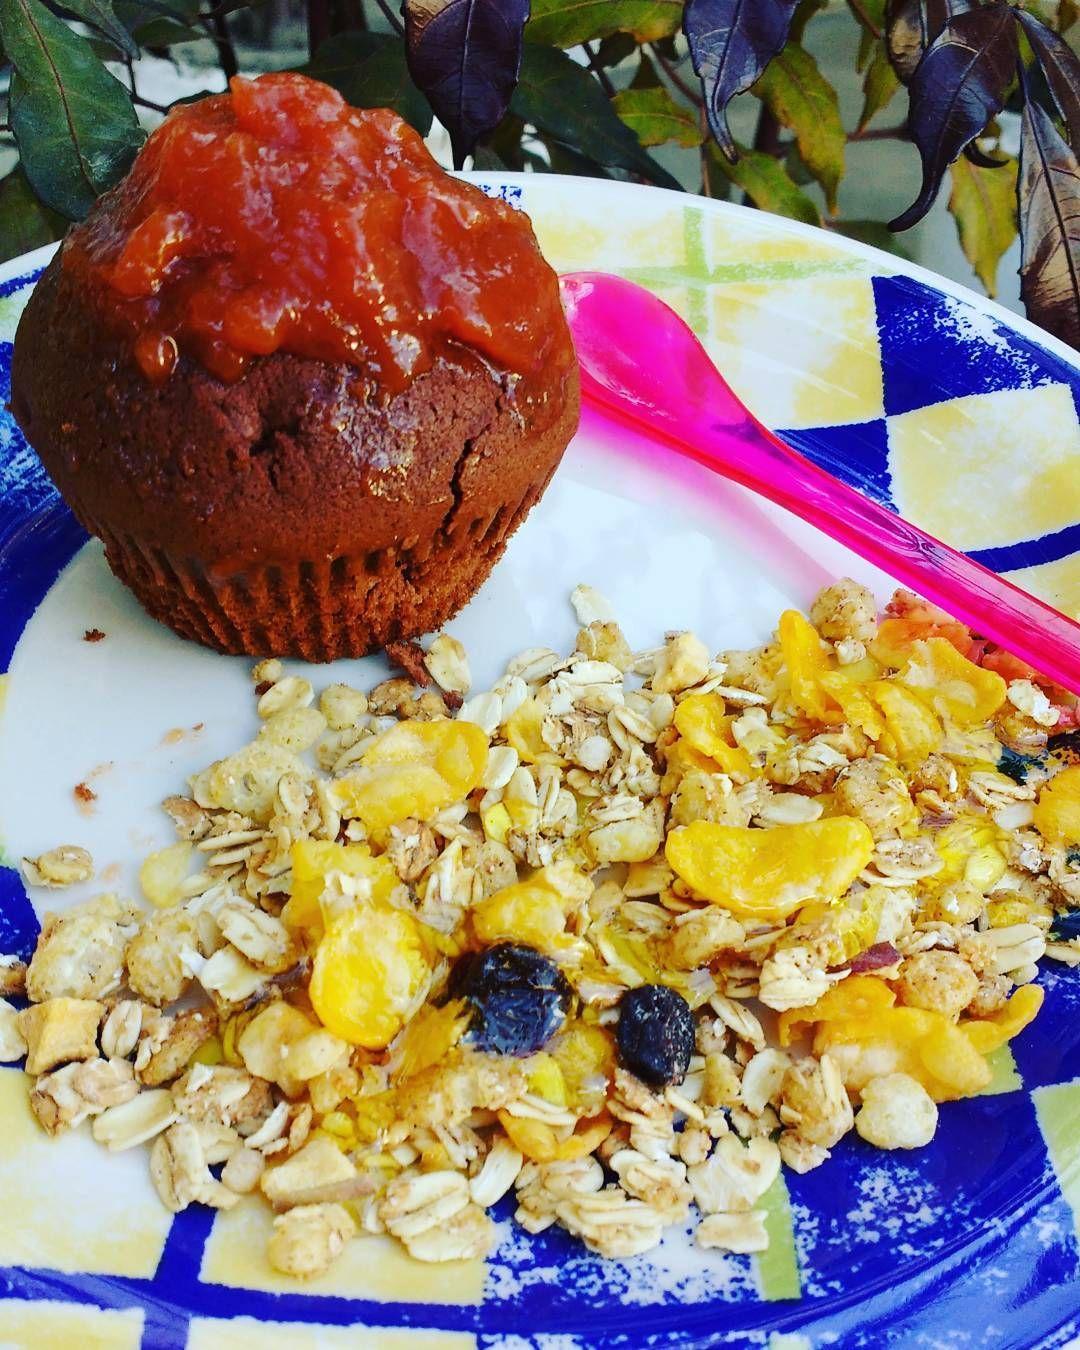 O lanche da tarde foi essa delícia de muffin de chocolate, feito com farinha de amêndoas e cacau em pó. Pra acompanhar, essa geleia diet de goiaba e granola diet.  #muffin #lanchesaudavel ##reeducacaoalimentar #mudancadehabito #escolhasaudavel  #metas #euquefiz #emagrecimento  #disciplinanadieta 🍍🍐🍓💪